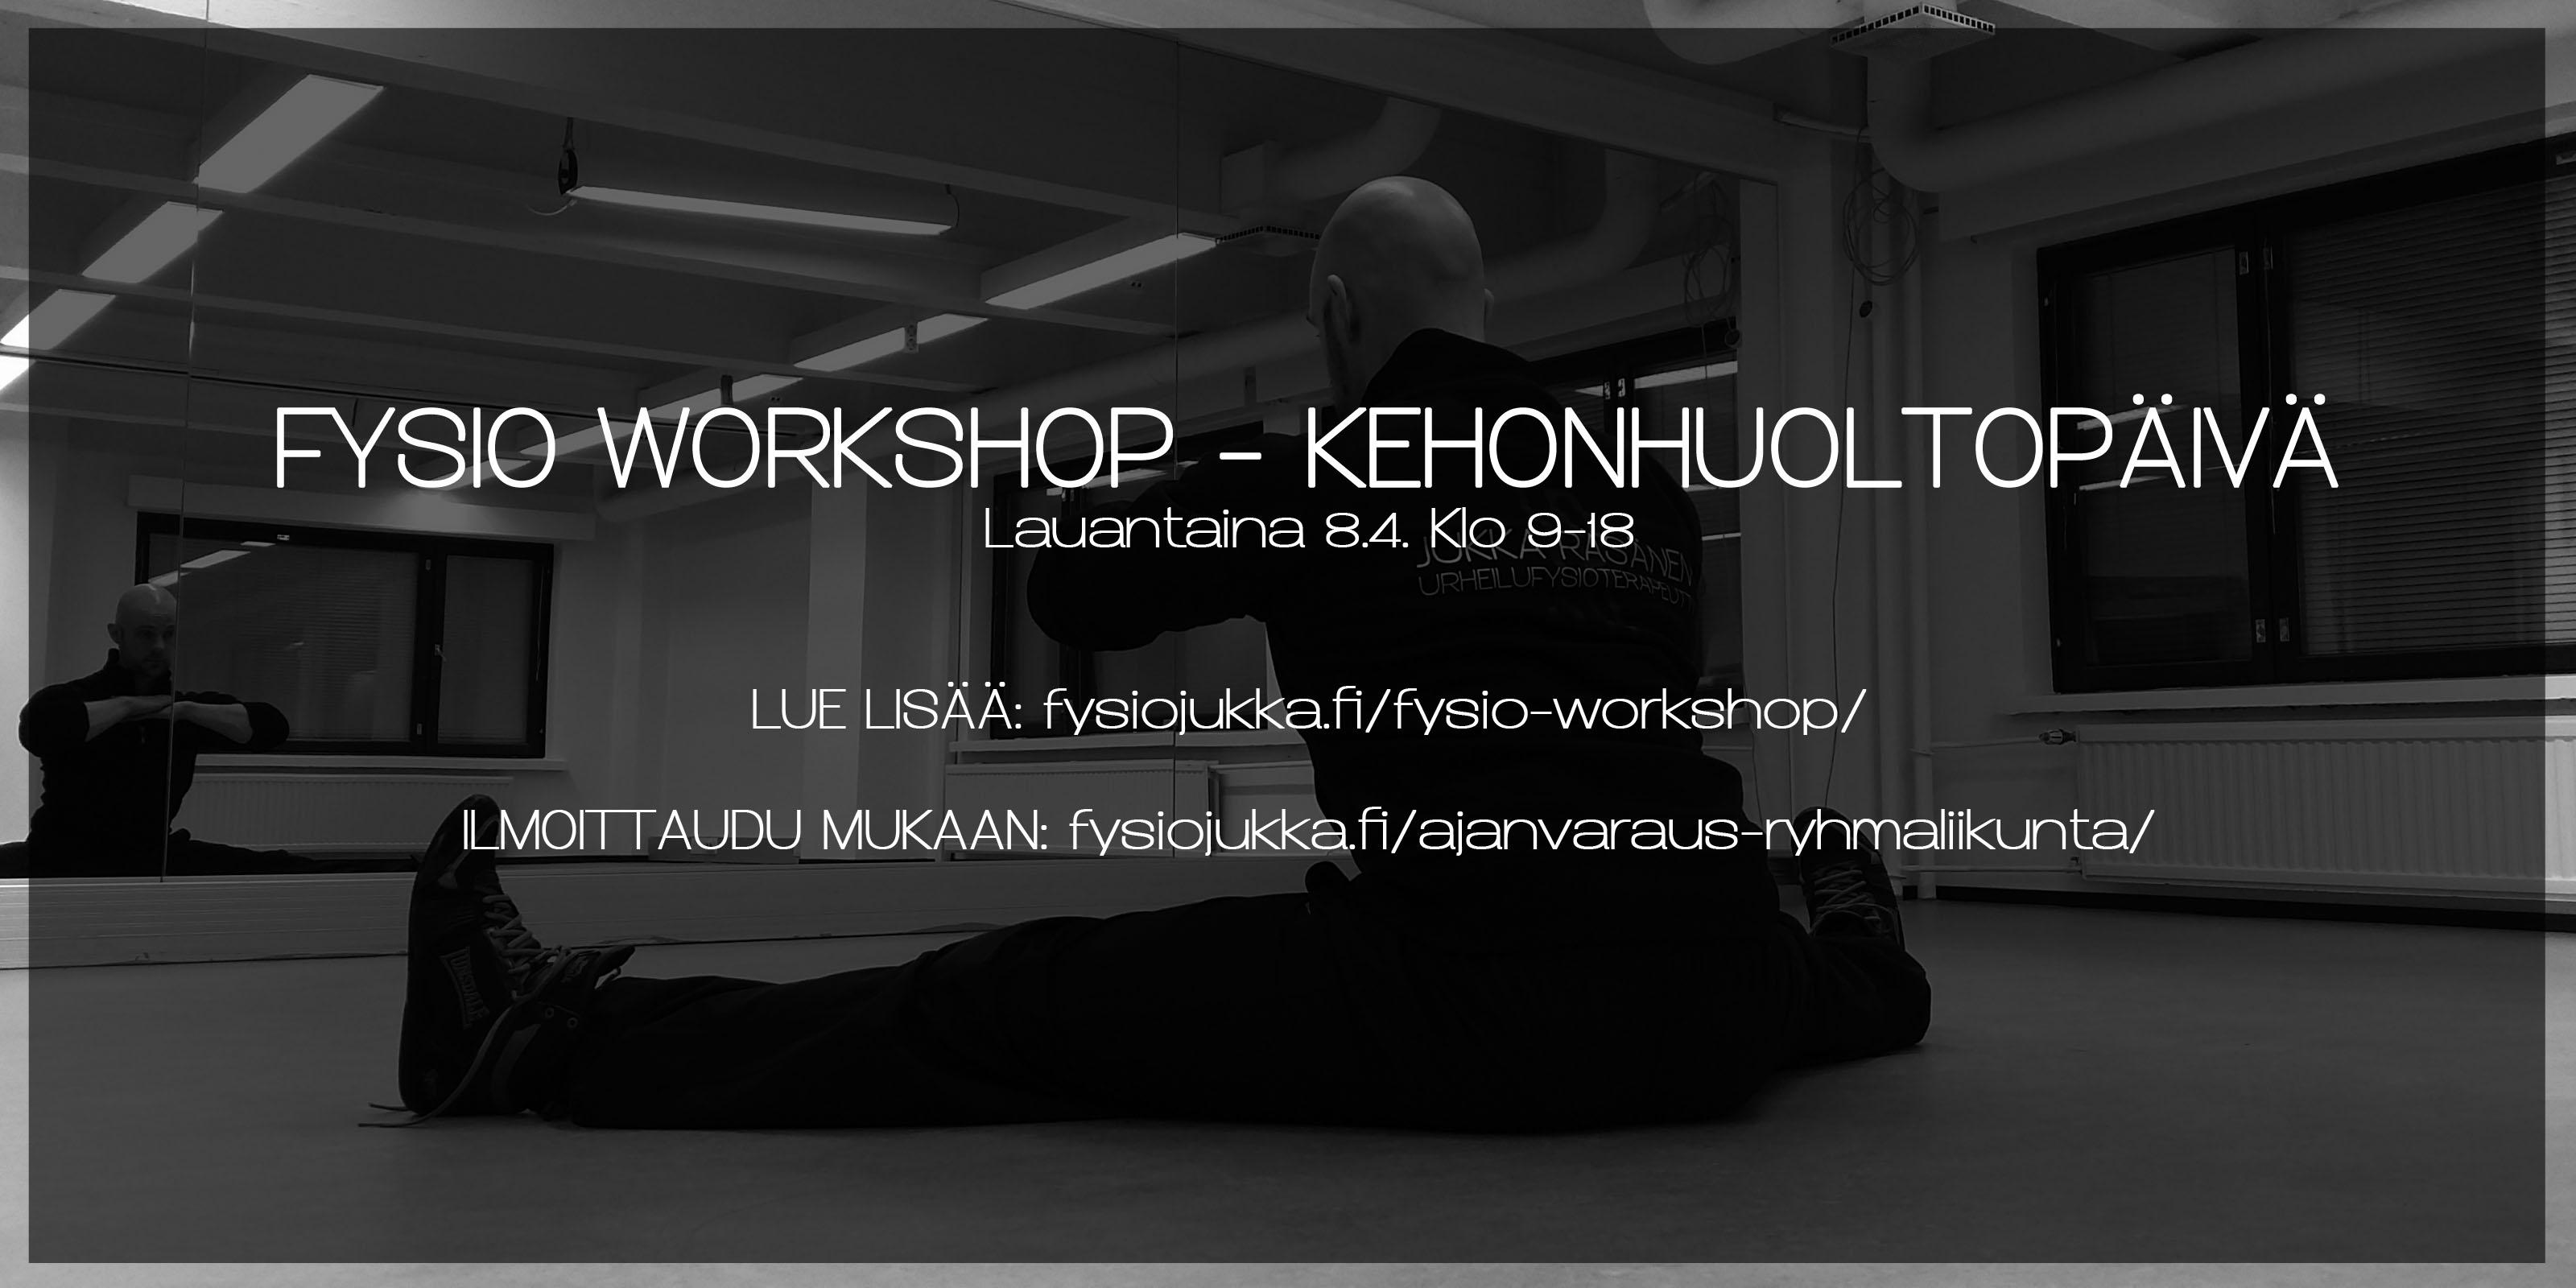 Fysio Workshop- kehonhuoltopäivä lauantaina 8.4. klo 9-18!